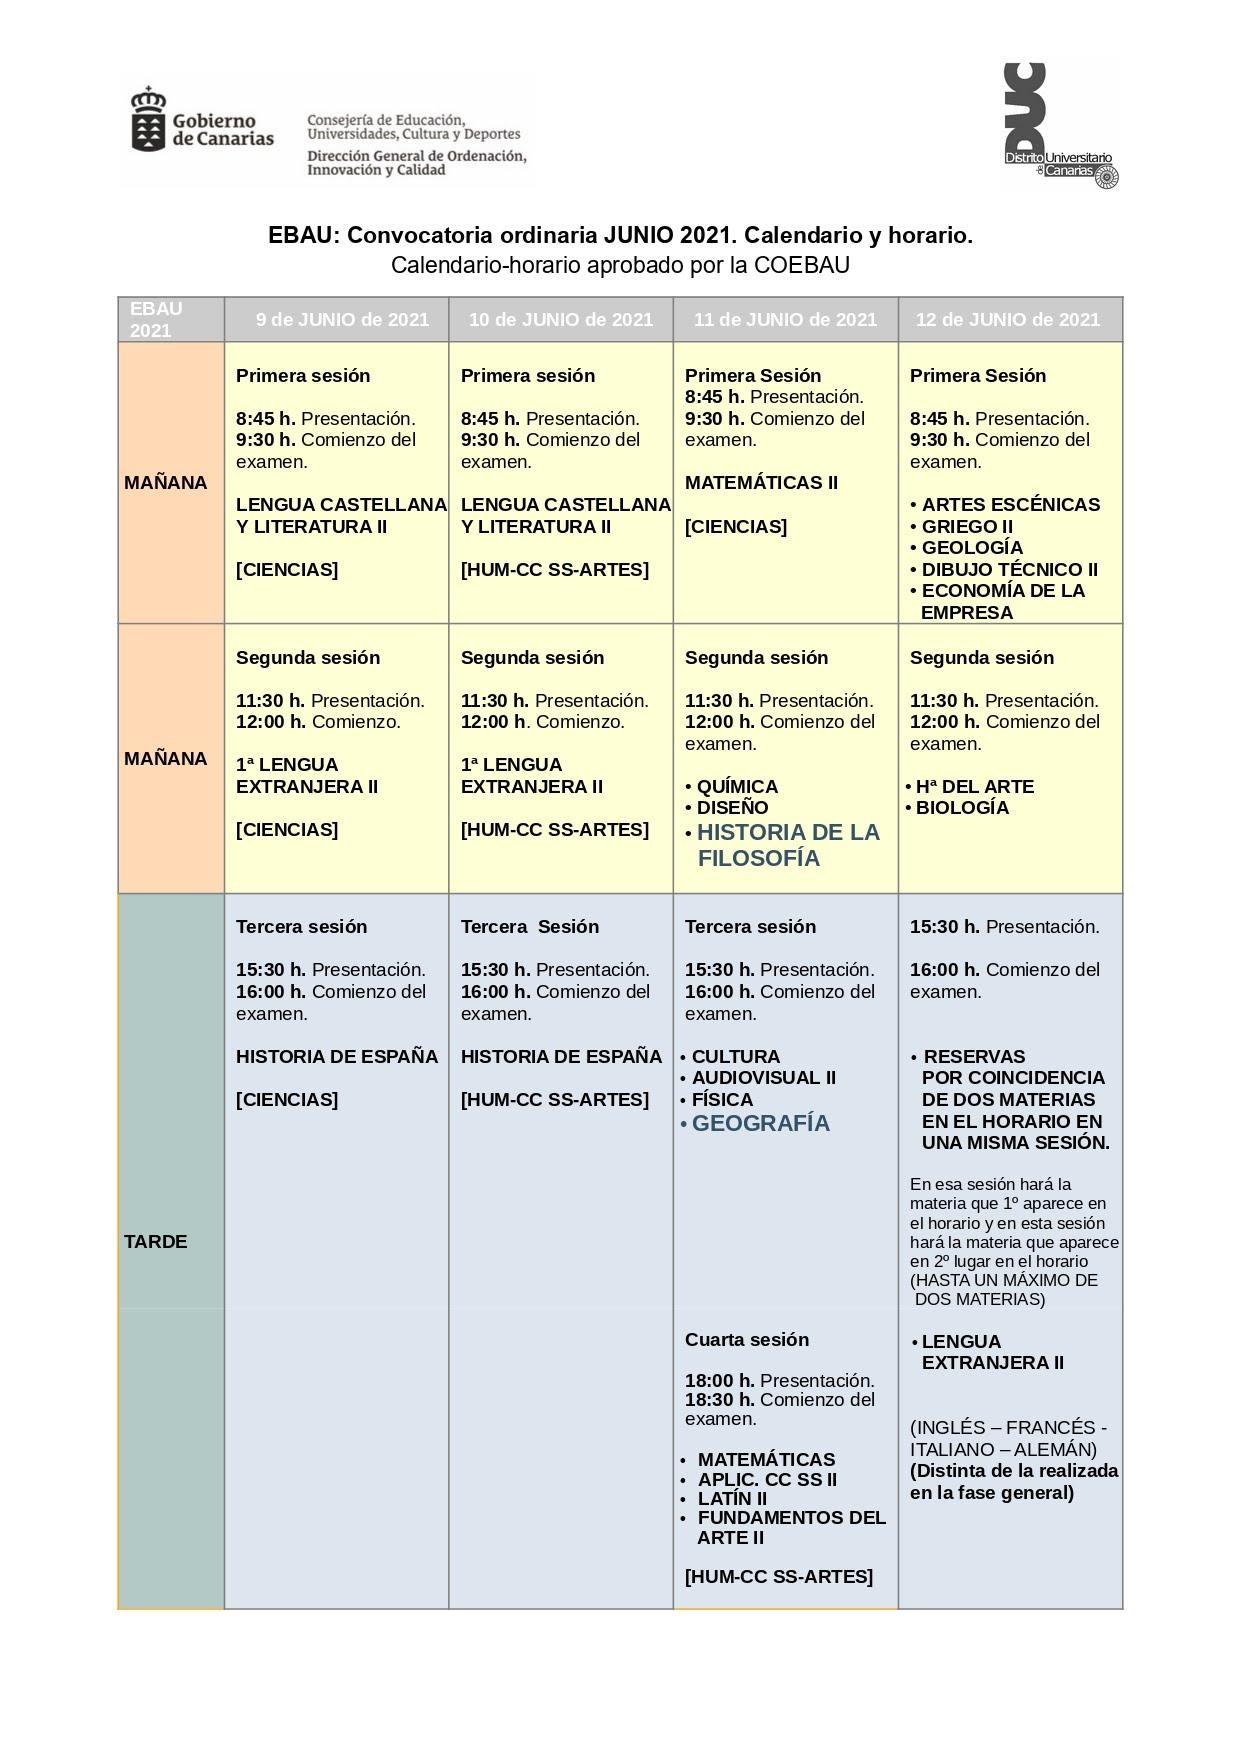 https://sites.google.com/a/iesvnieves.es/inicio/home/alumnado/ebau-20-21/CALENDARIO%20EBAU%20JUNIO%202021_page-0001.jpg?attredirects=0